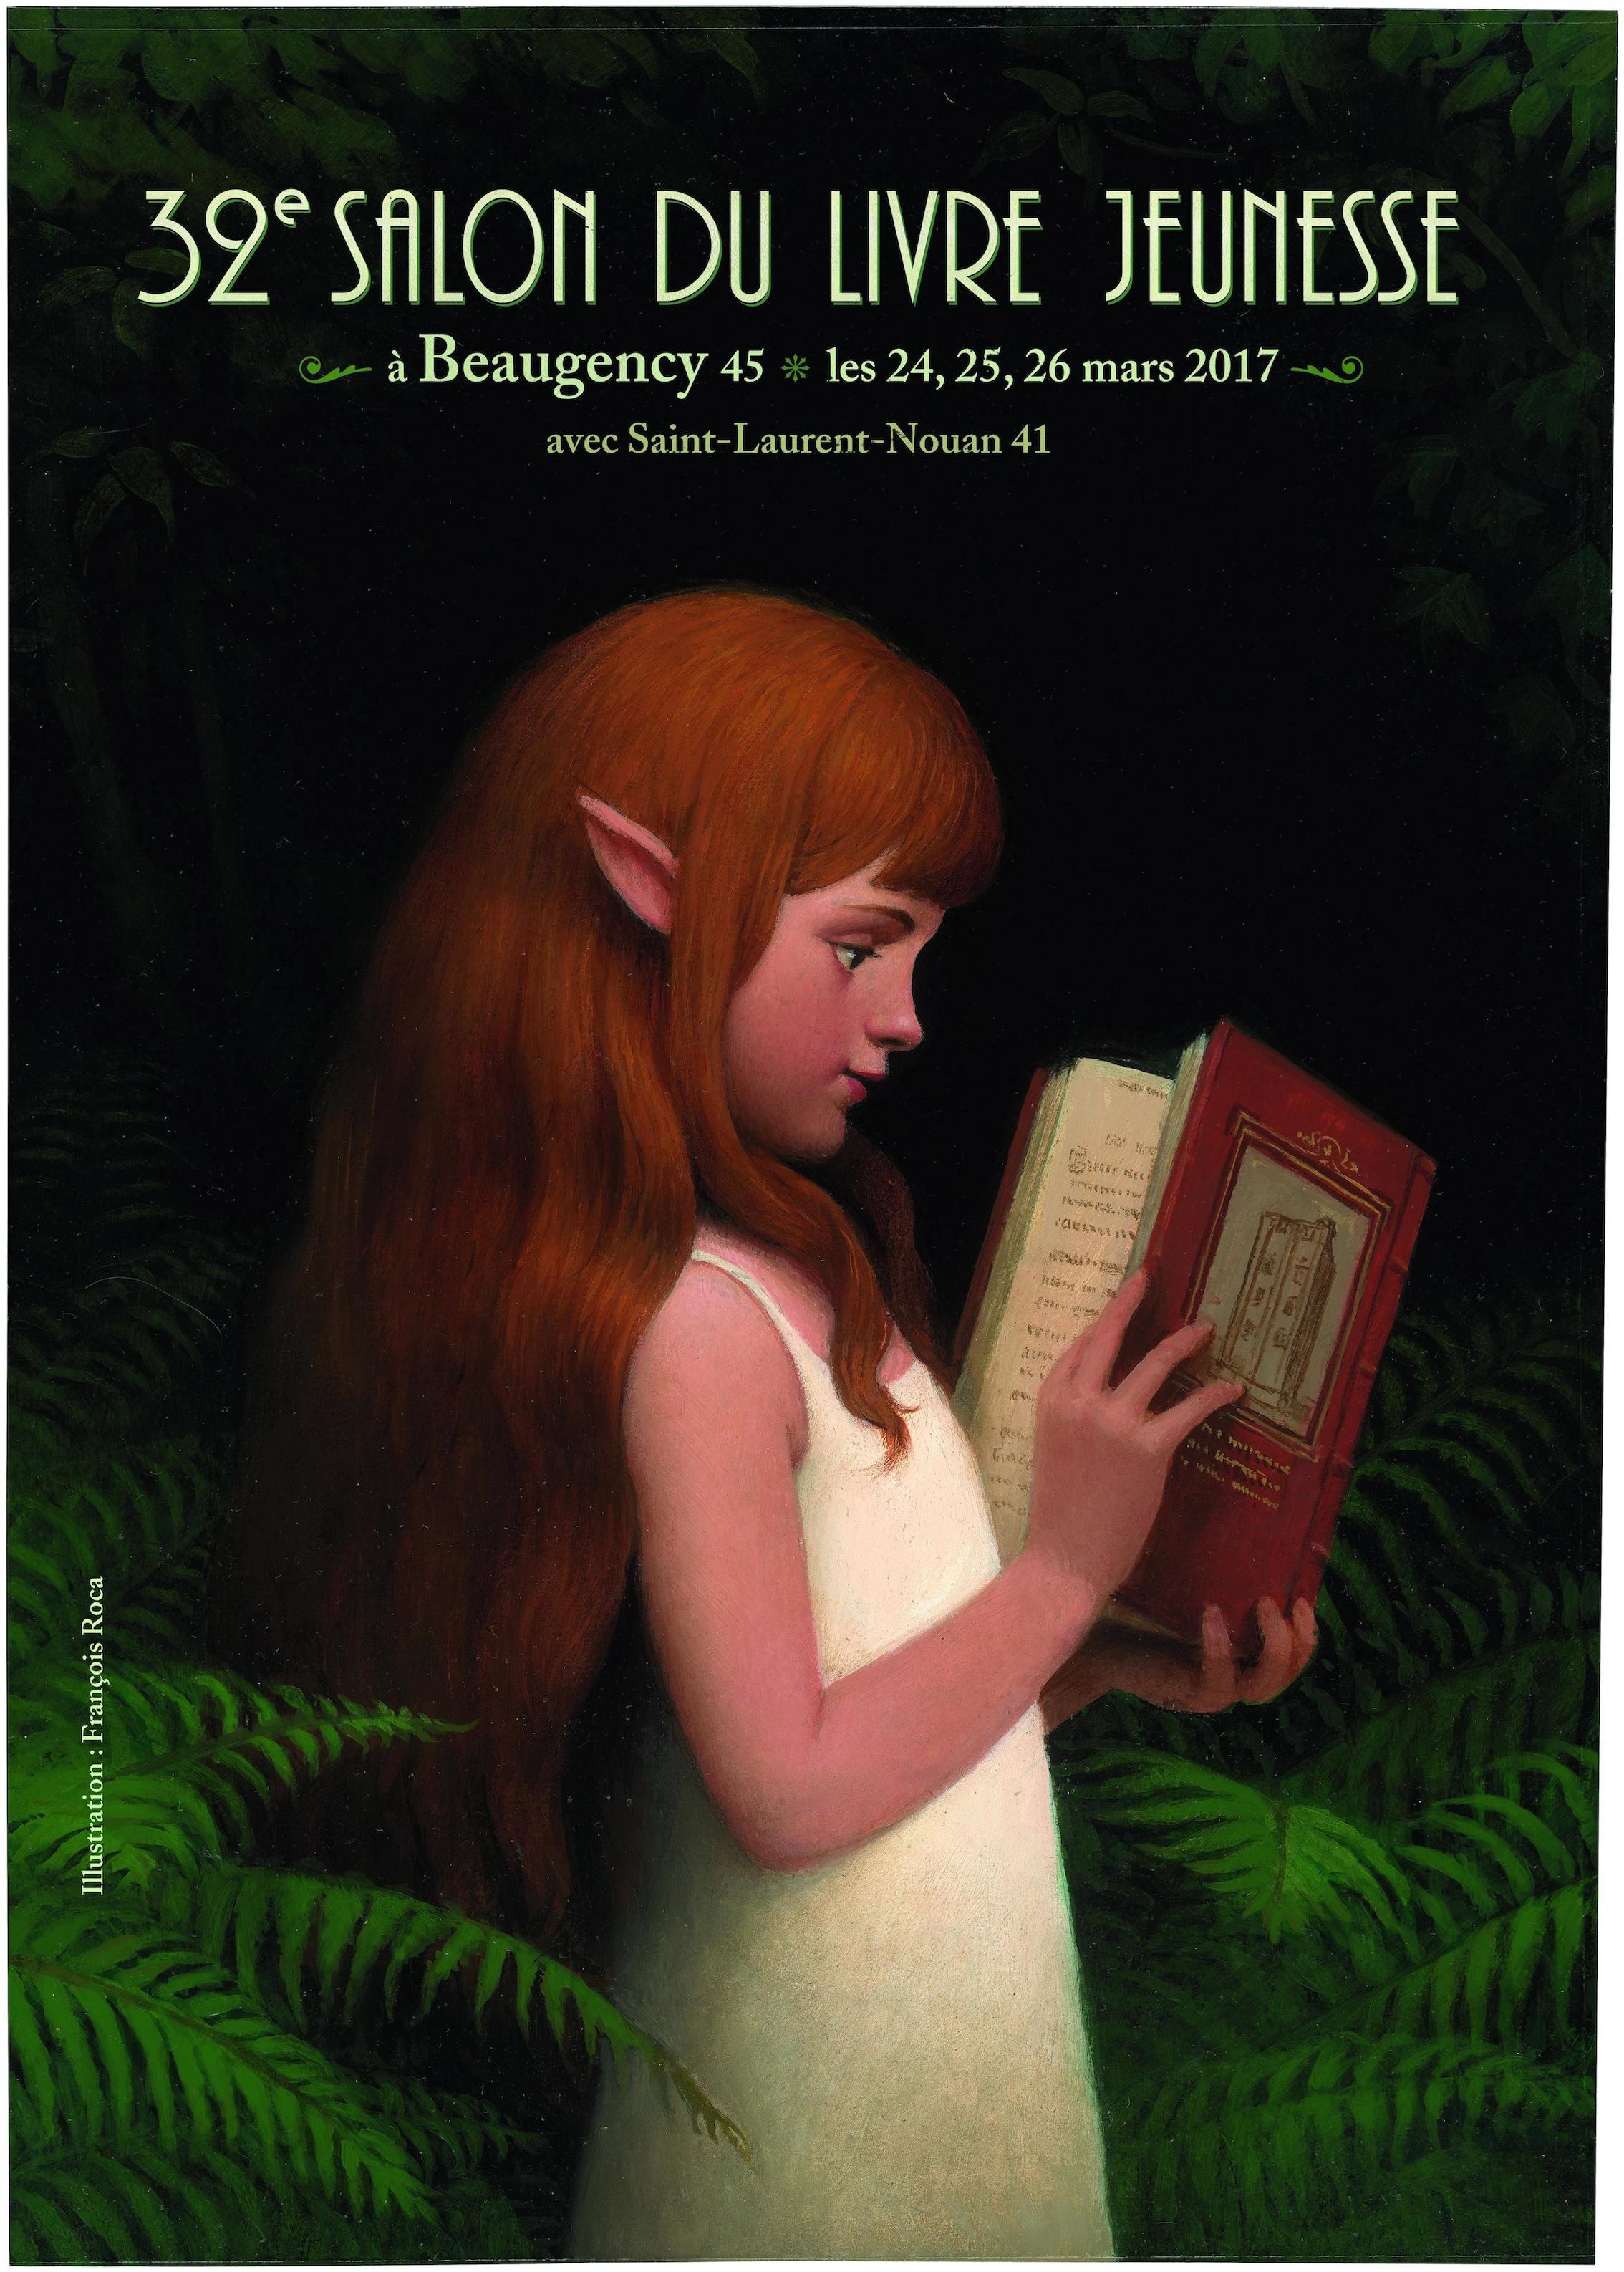 """Résultat de recherche d'images pour """"salon du livre beaugency 2017"""""""